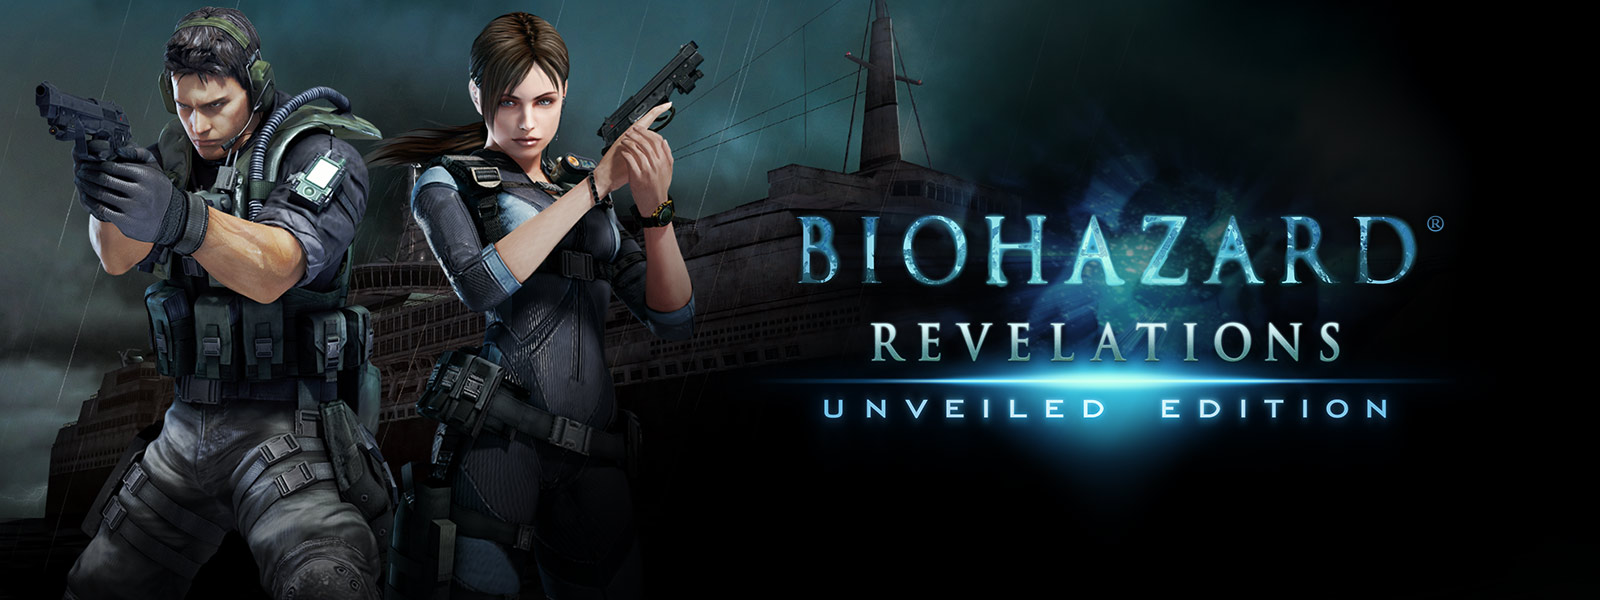 バイオハザード リベレーションズ、亡霊のようなクルーズ船の前で拳銃を持った 2 人のキャラクター